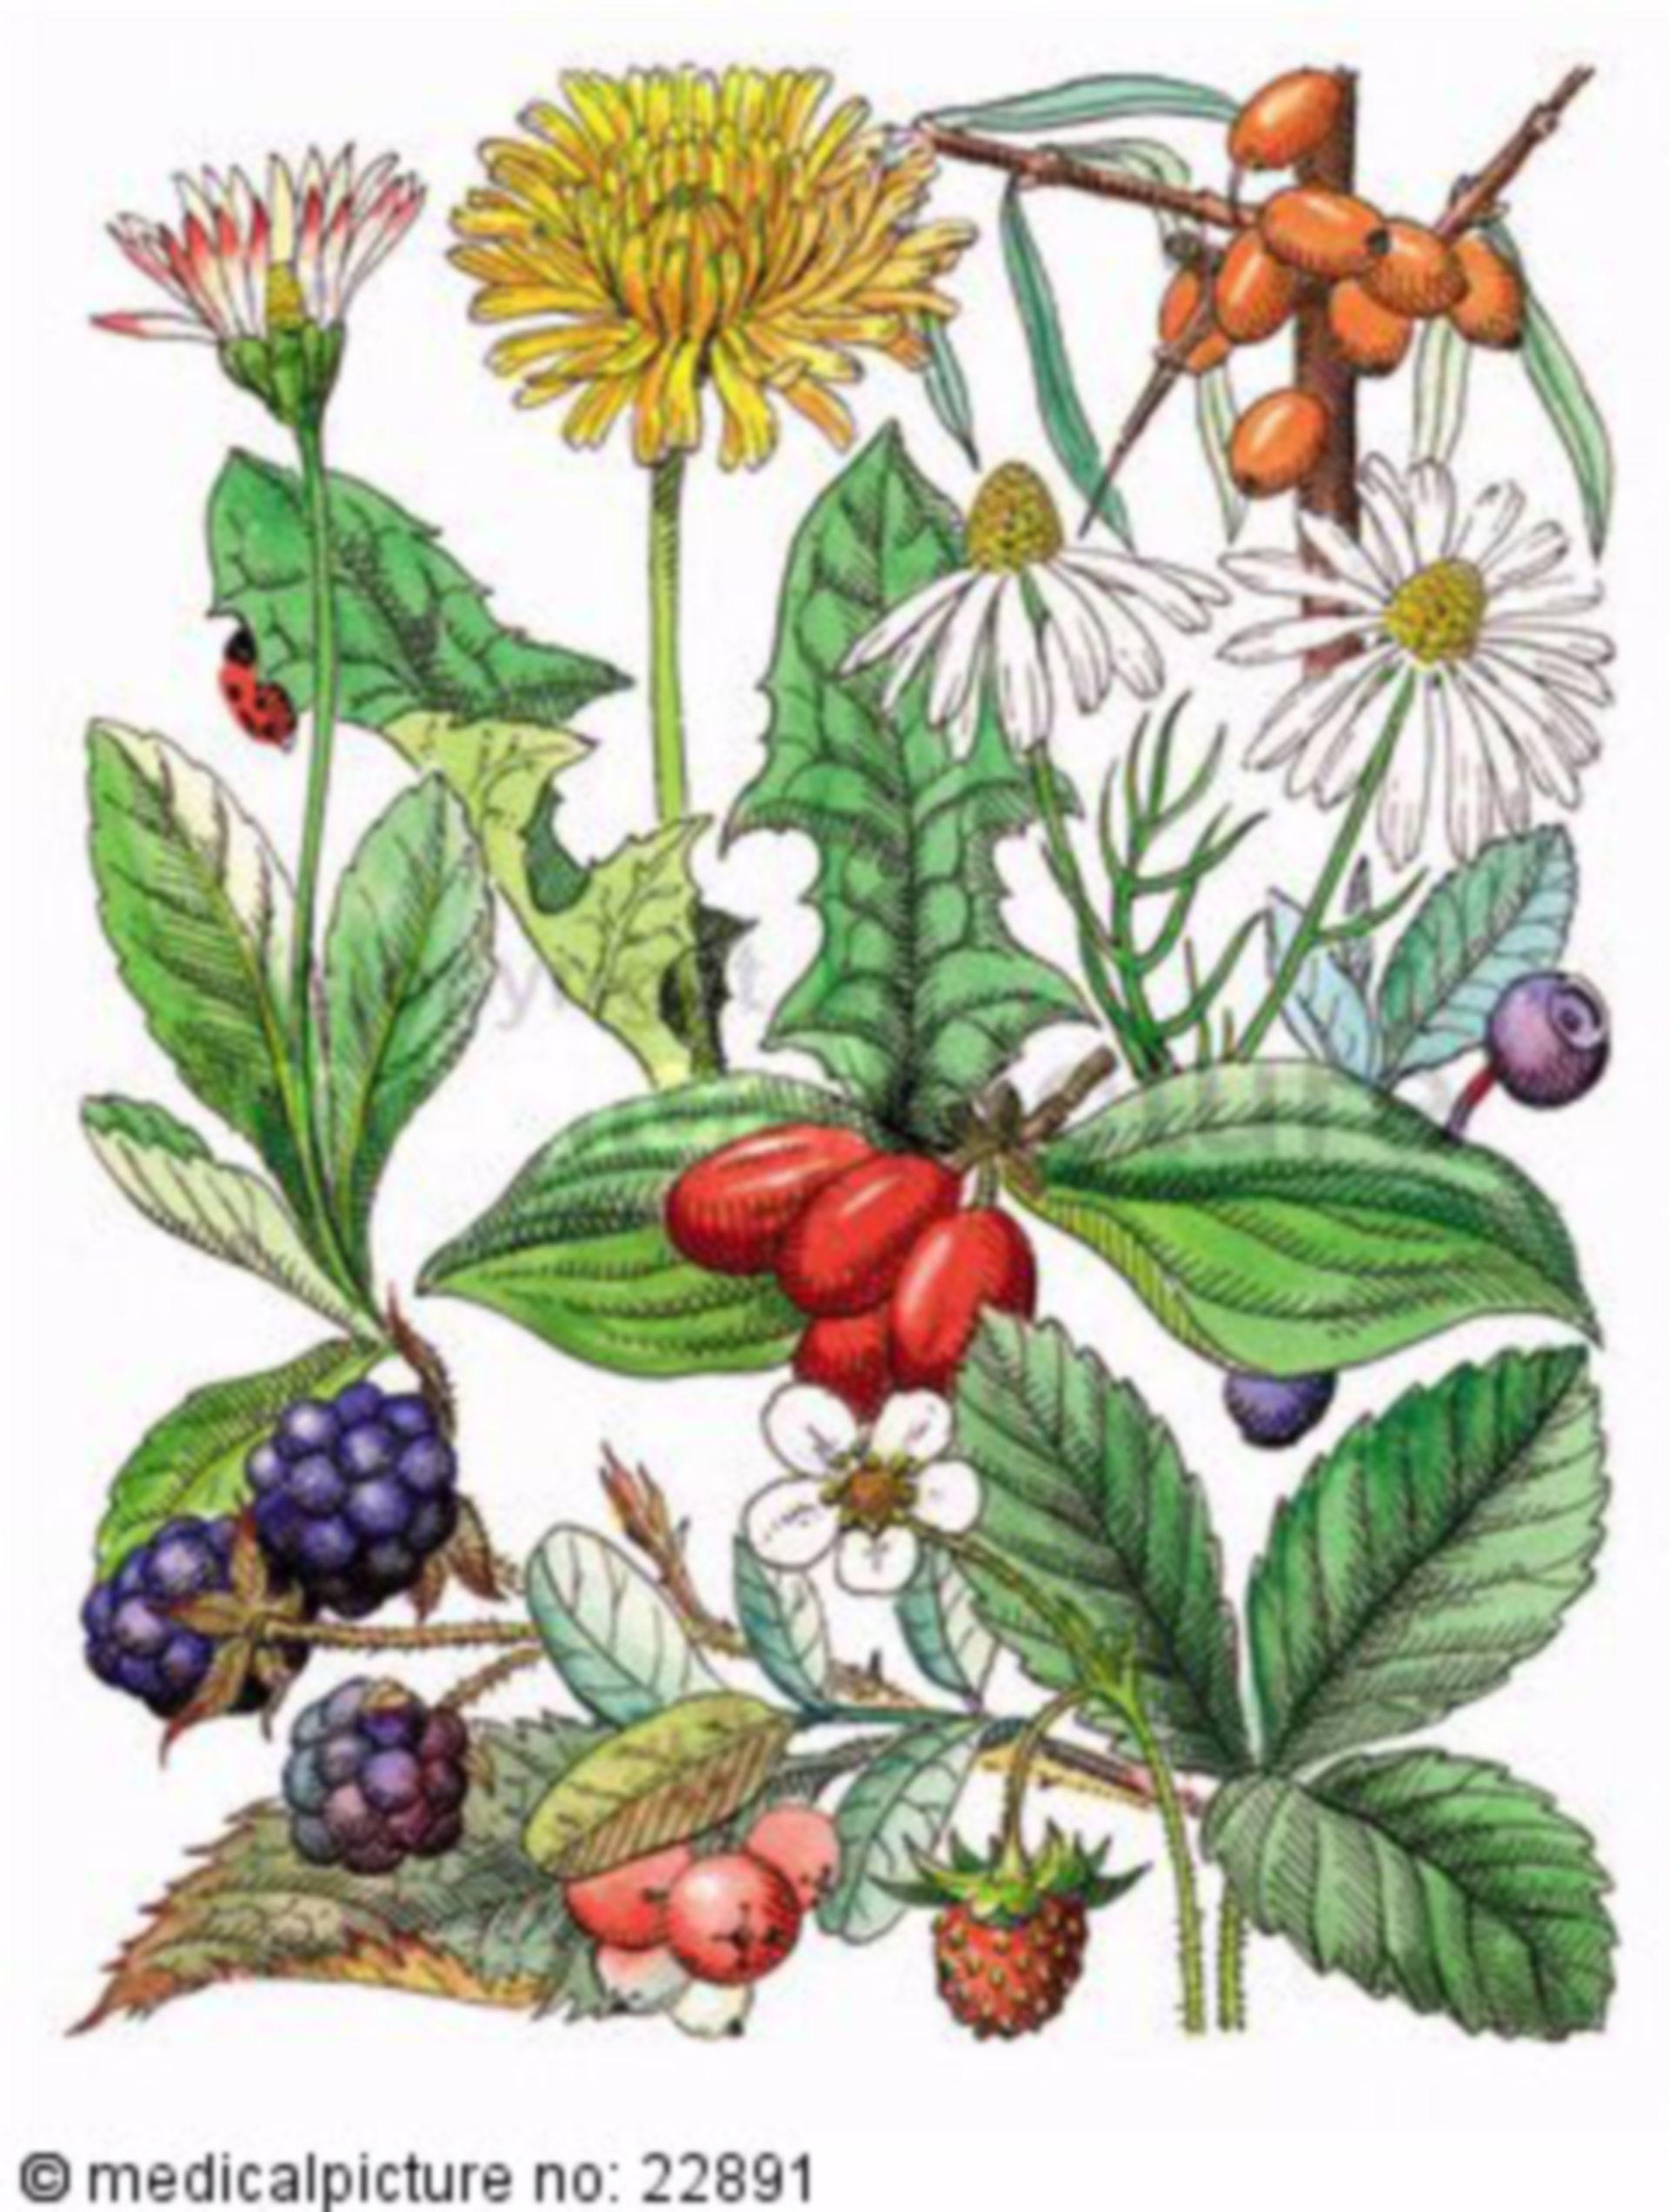 Verschieden Beeren und Kräuter